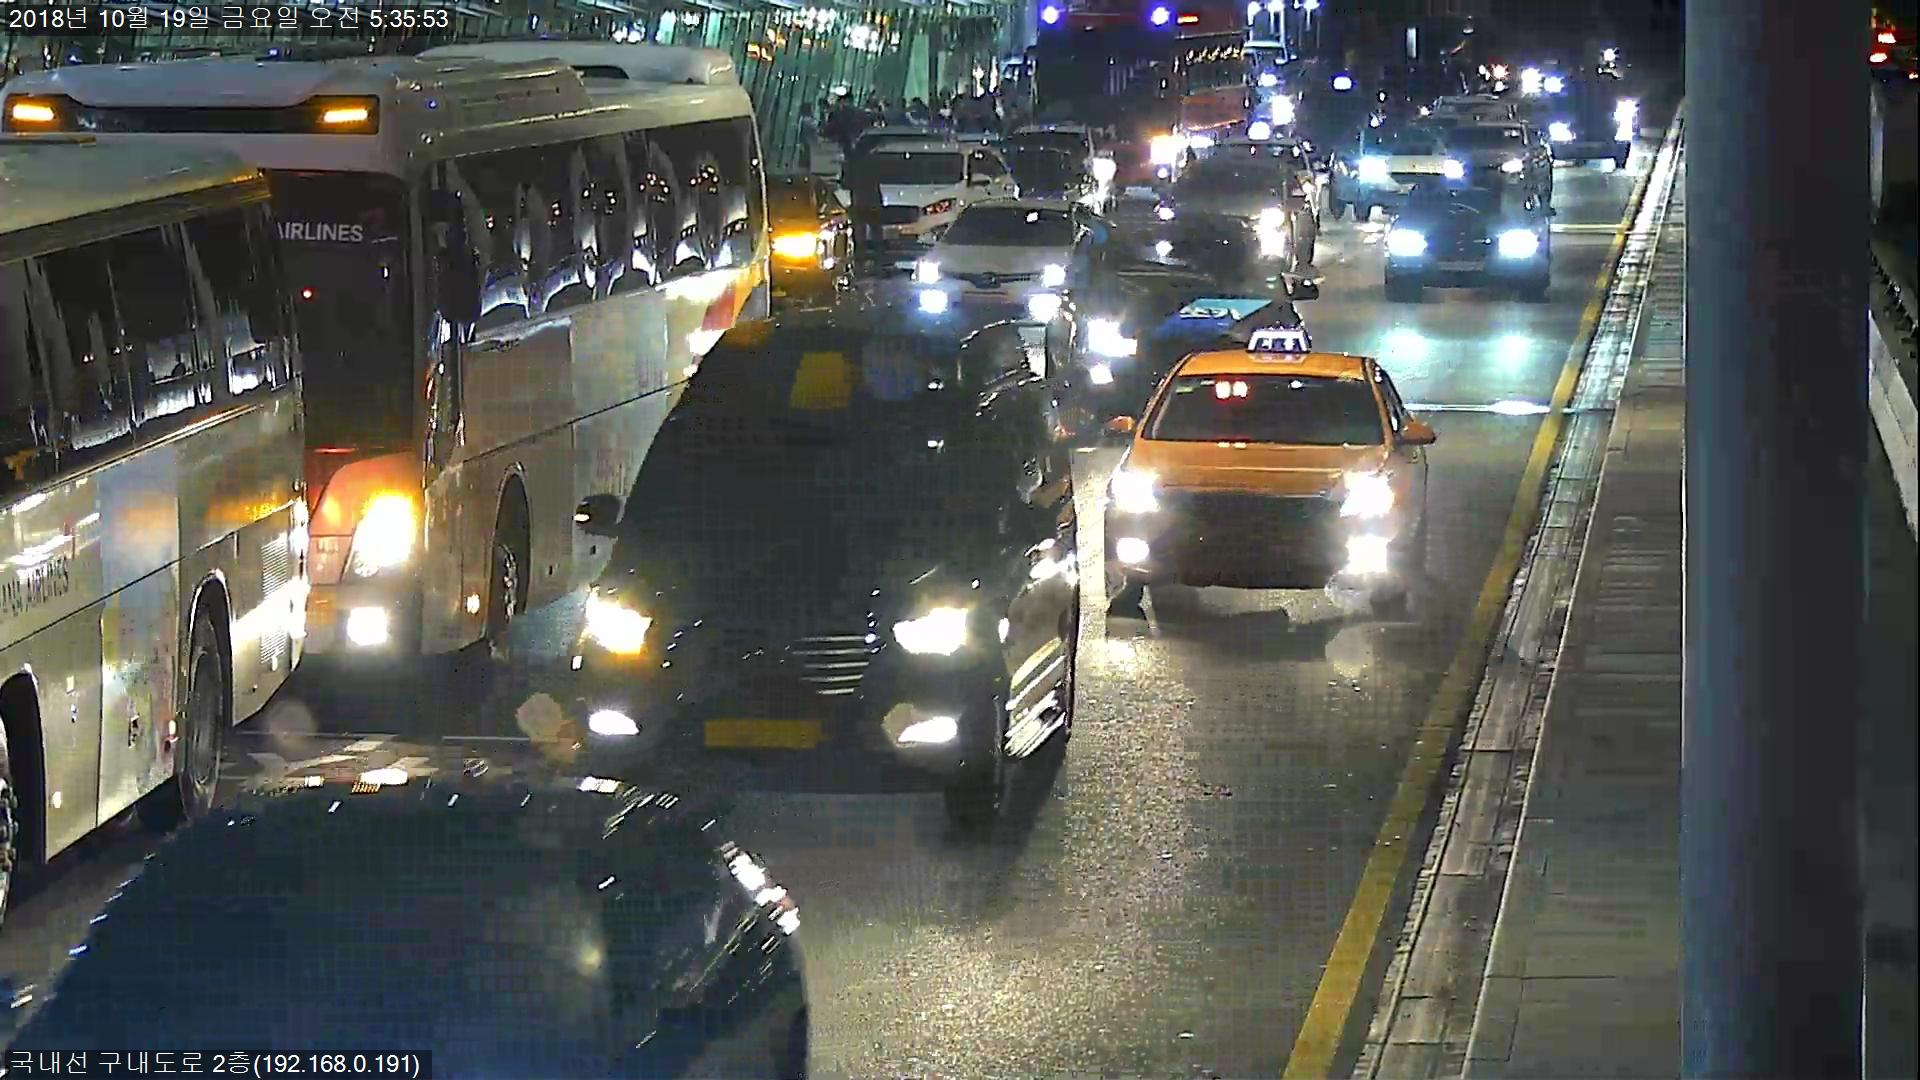 김포공항 국내선에 차량이 몰려 혼잡을 빚고 있다. [사진 한국공항공사]